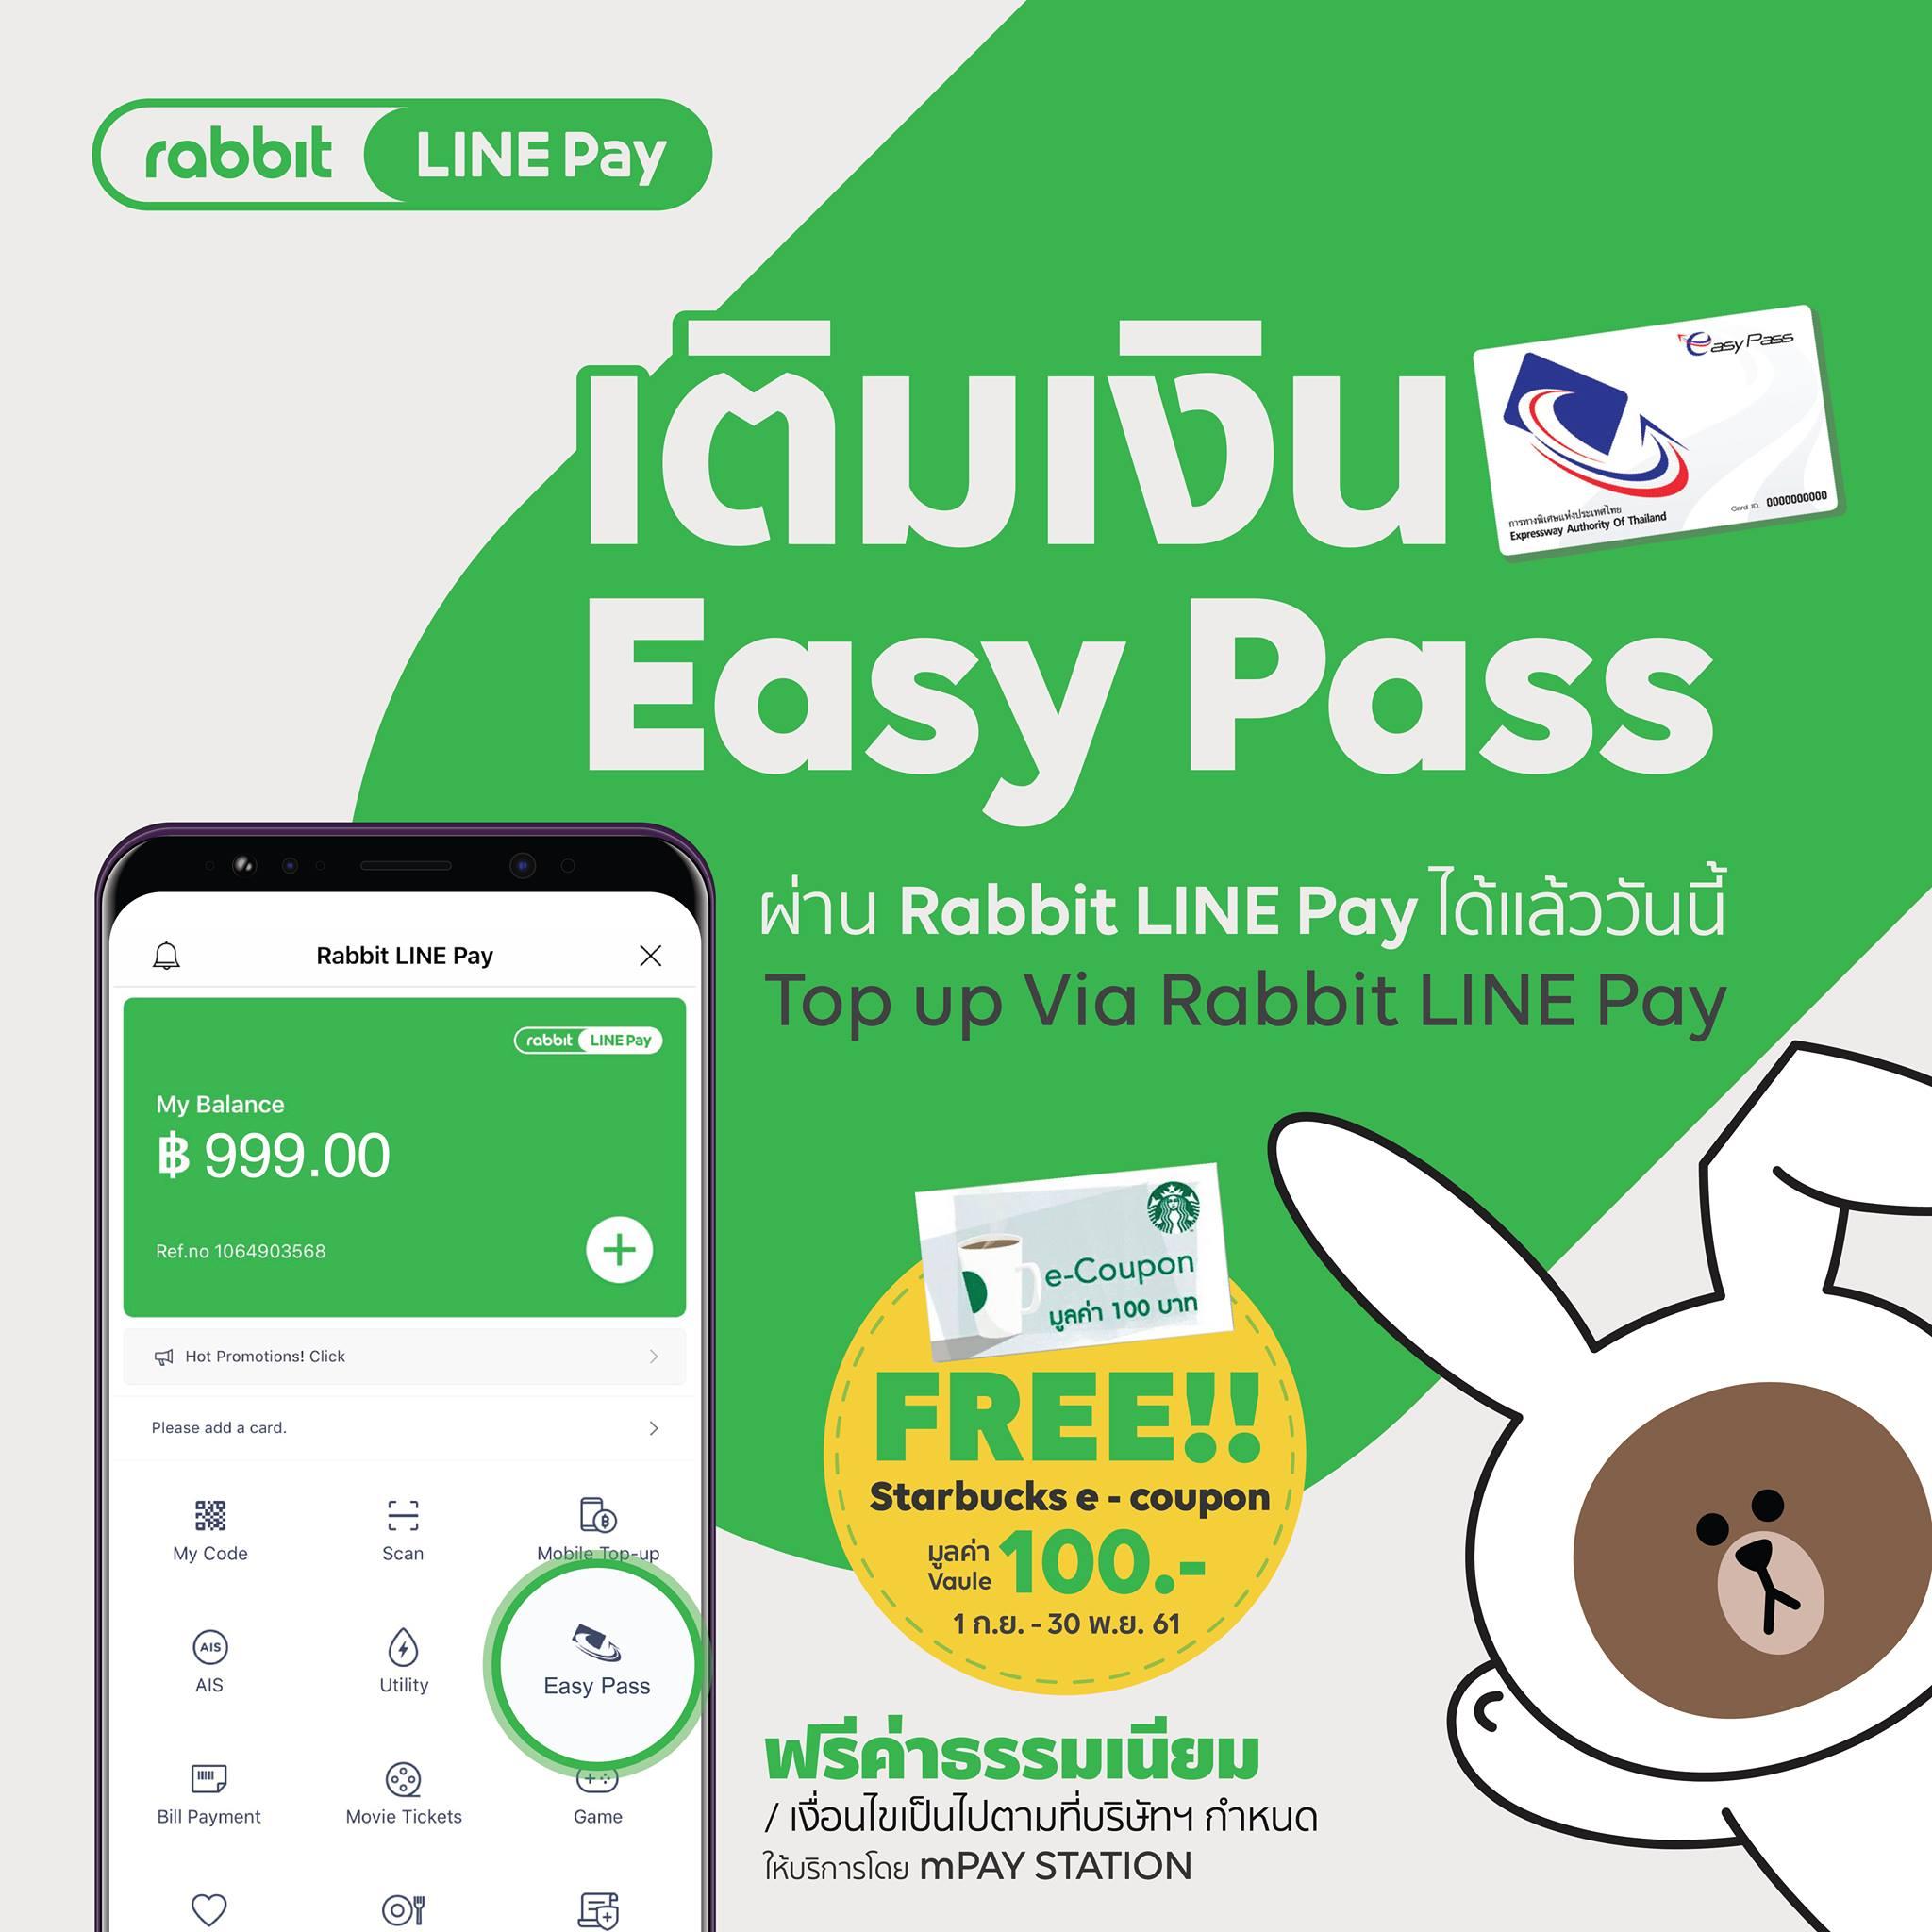 เติม Easy Pass ผ่าน Rabbit LINE Pay รับฟรี Starbucks e-Coupon